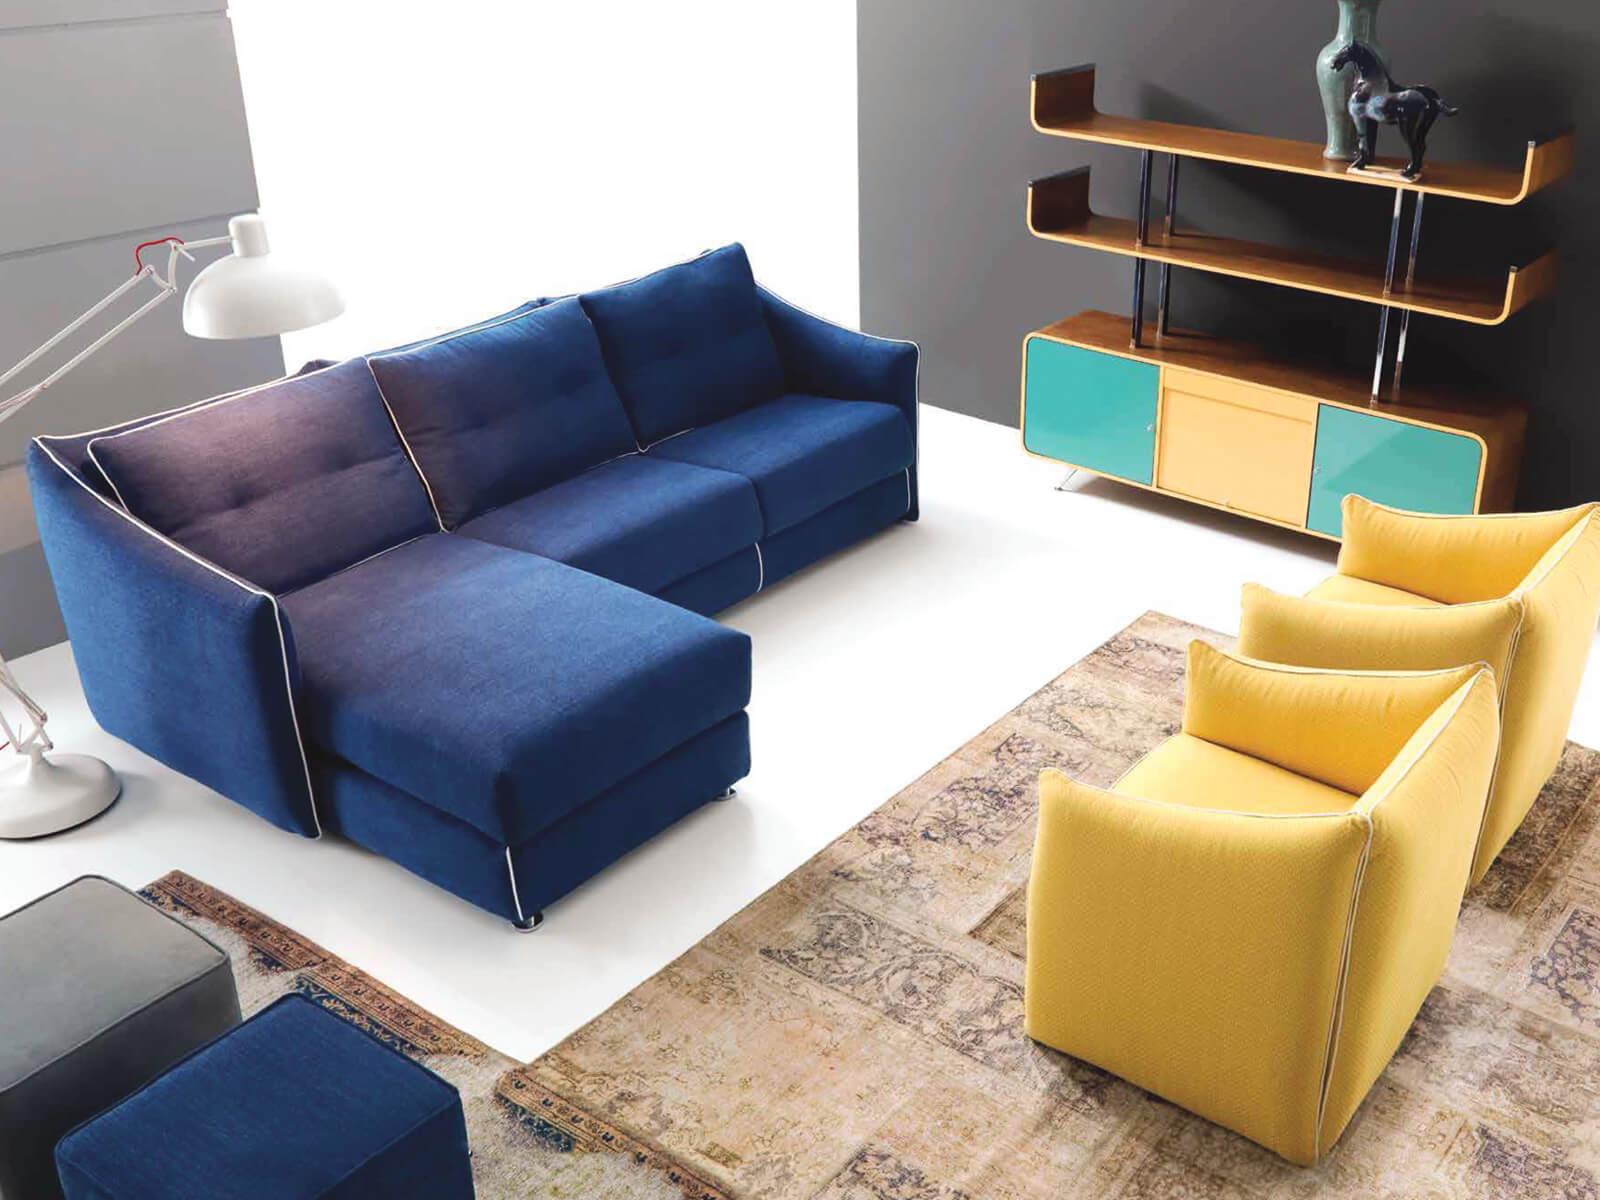 Prima di acquistare un divano per il proprio soggiorno è bene avere già in mente dove vorrete disporlo. Come Disporre Un Divano In Soggiorno Idivani Di Dolce Dormire Genova